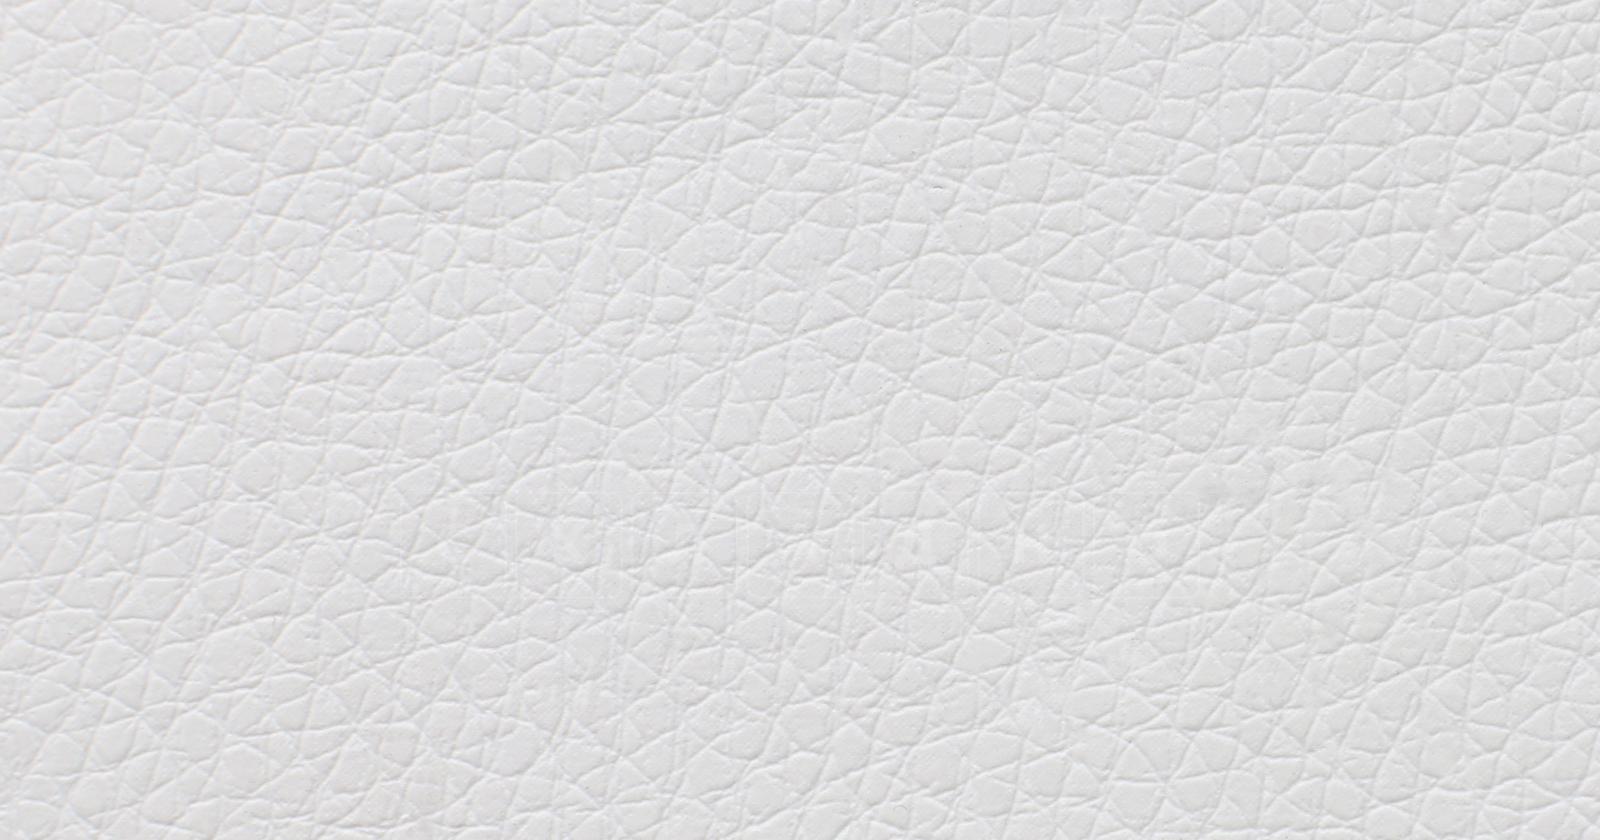 Мягкая кровать Оливия 160 см экокожа белый фото 18 | интернет-магазин Складно